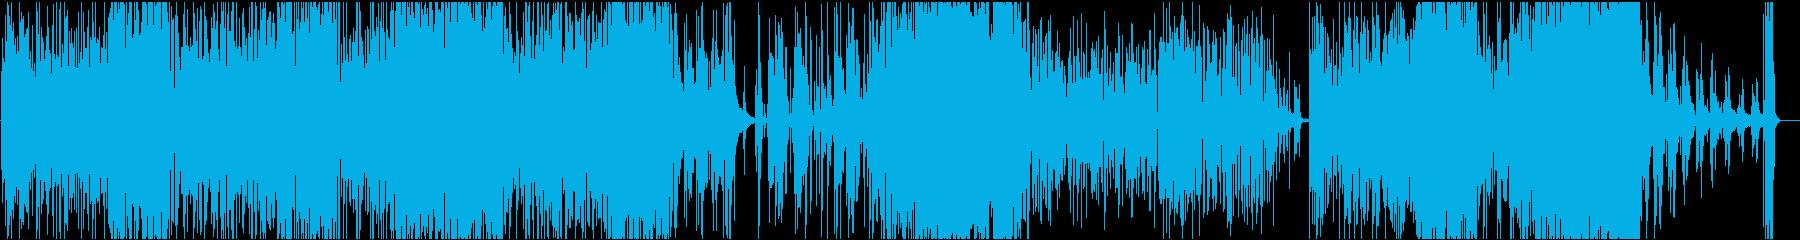 山の神様の再生済みの波形